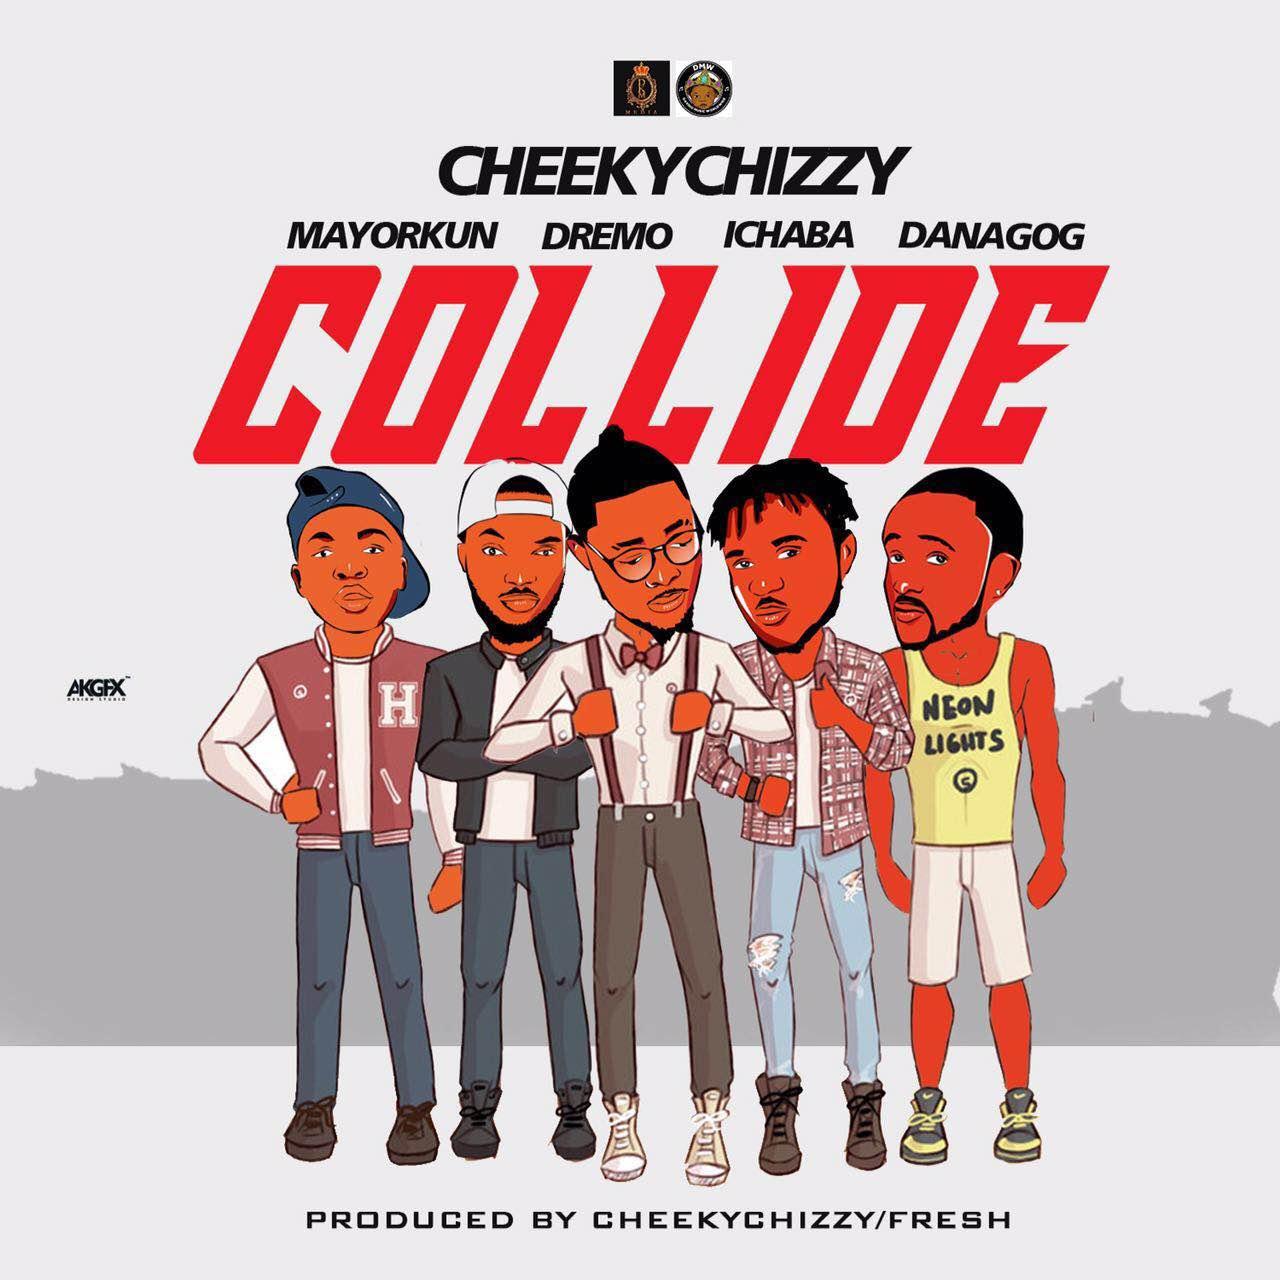 Music: Cheeky Chizzy – Collide ft DMW | @DanagogHKN @IamMayorKun @Dremoapg @IchabaApg @CheekyChizzy_